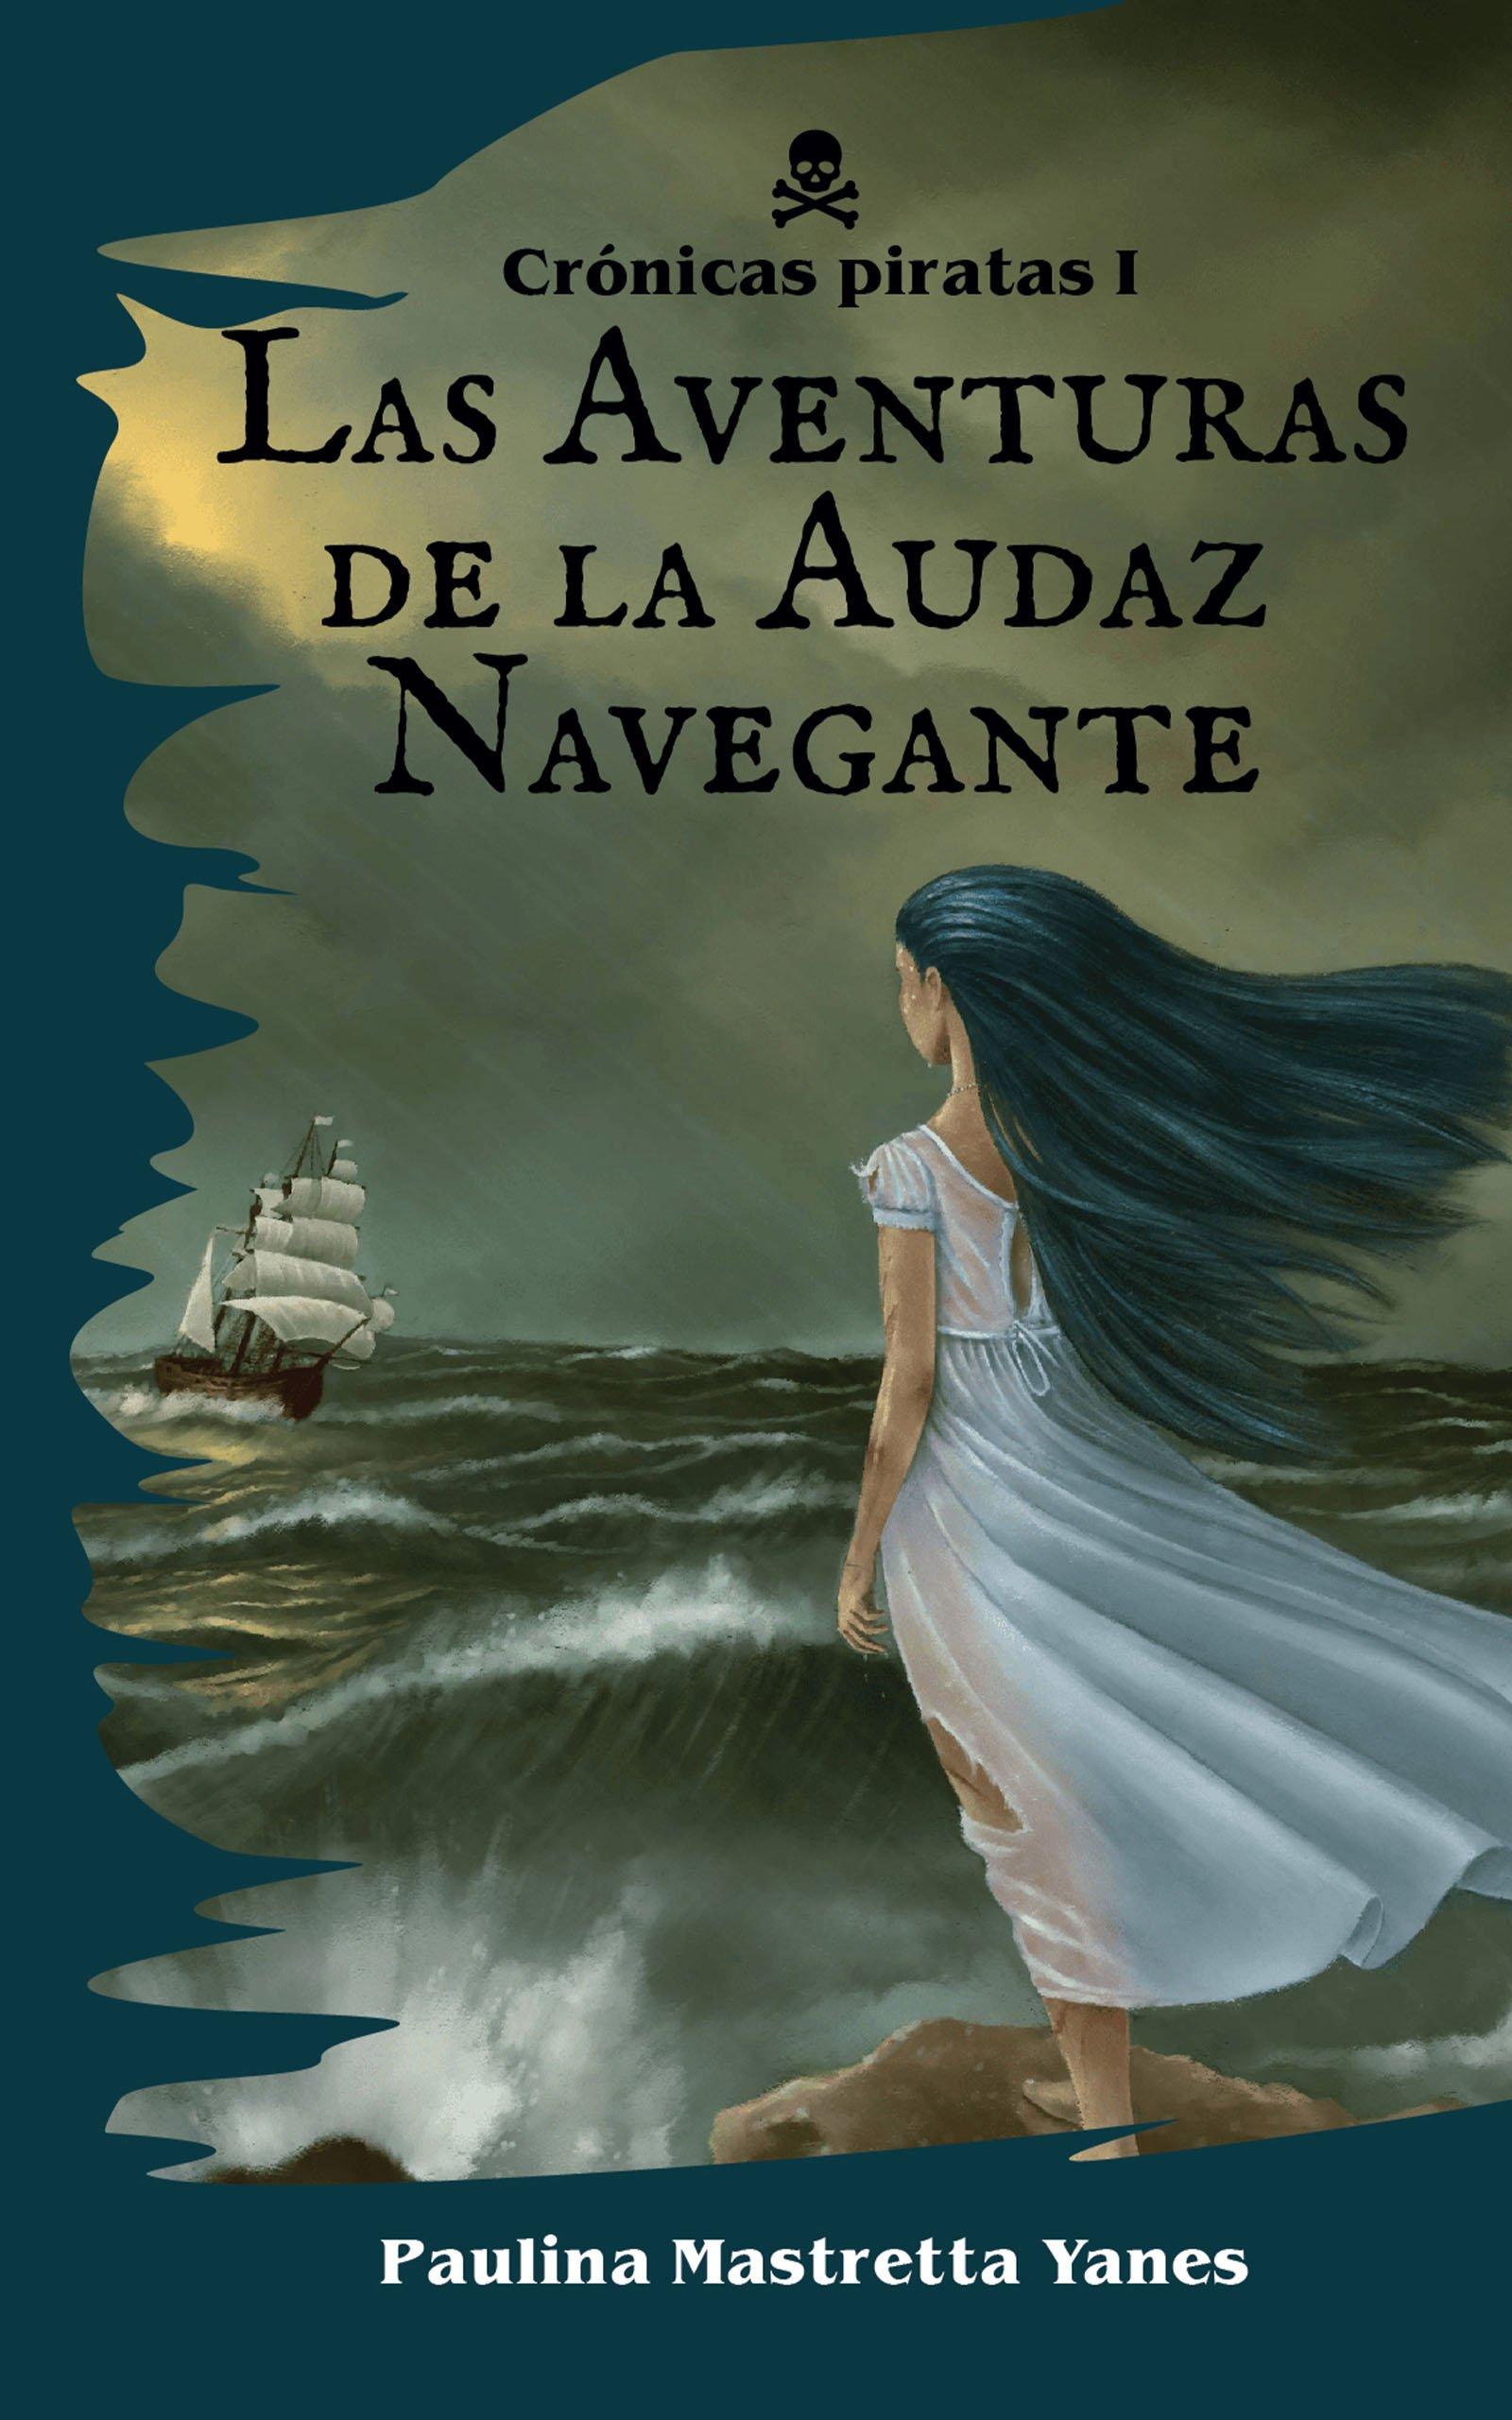 Las Aventuras de la Audaz Navegante, de Paulina Mastretta Yanes